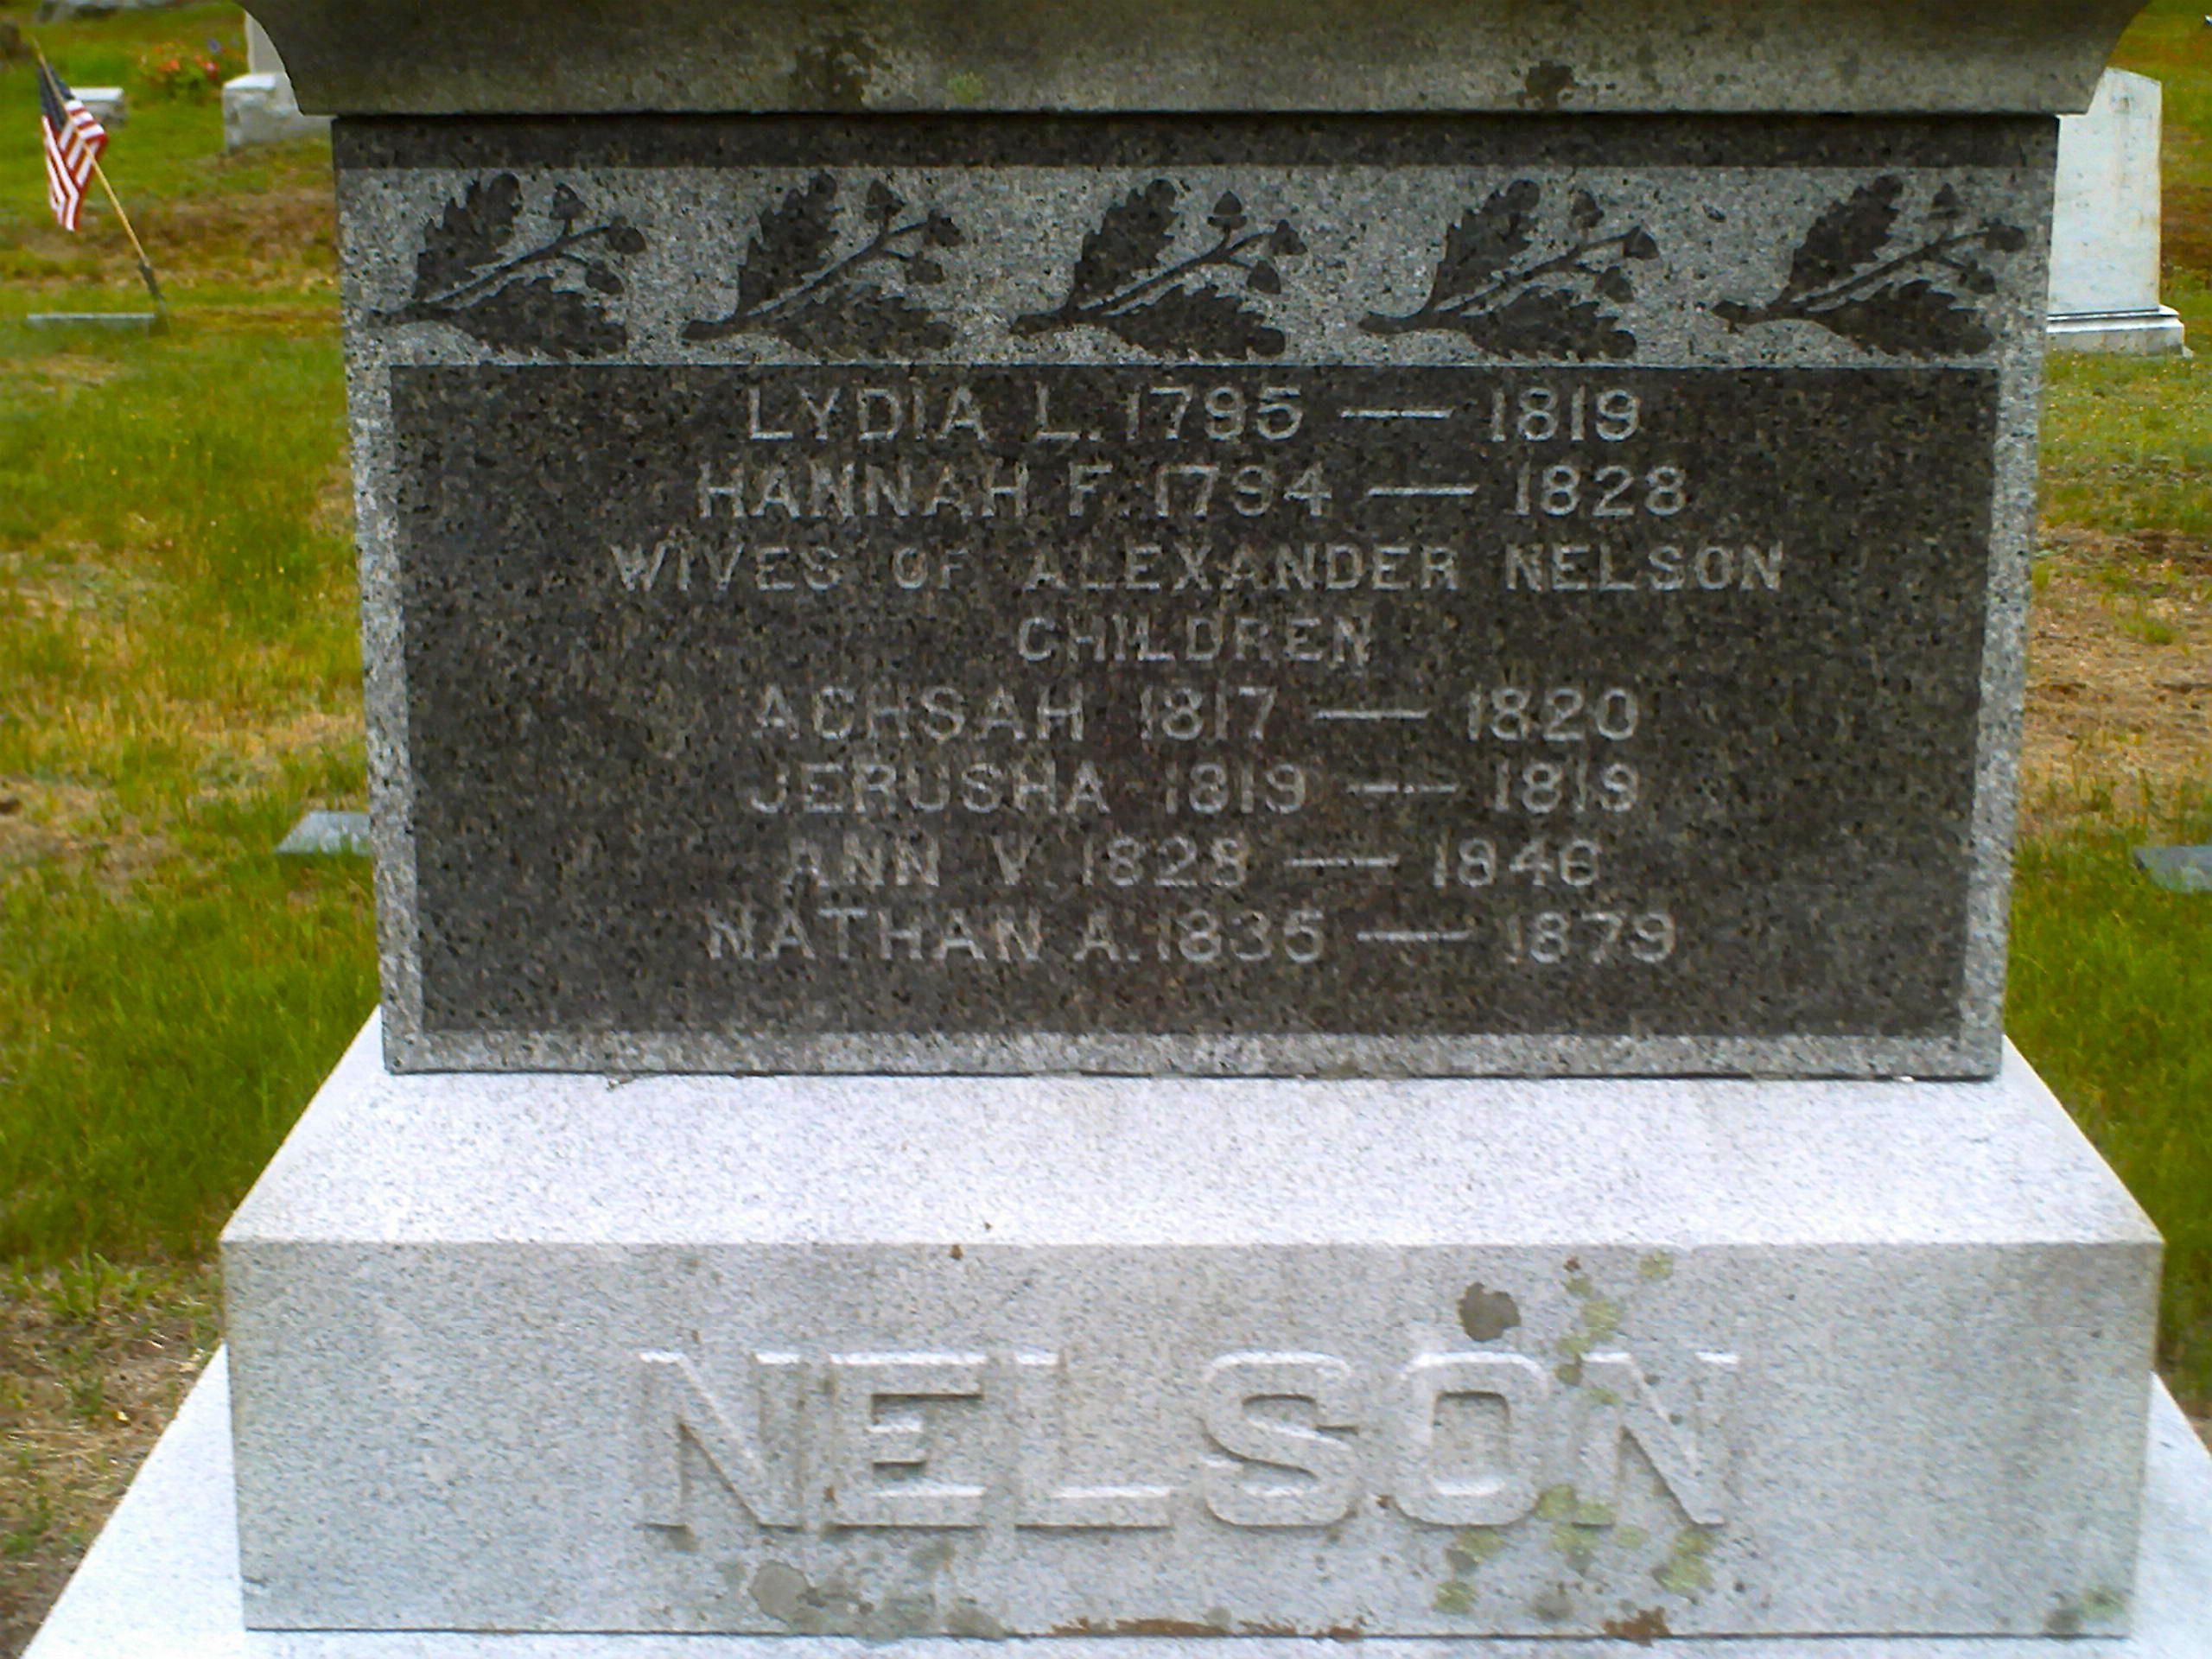 Jerusha Nelson